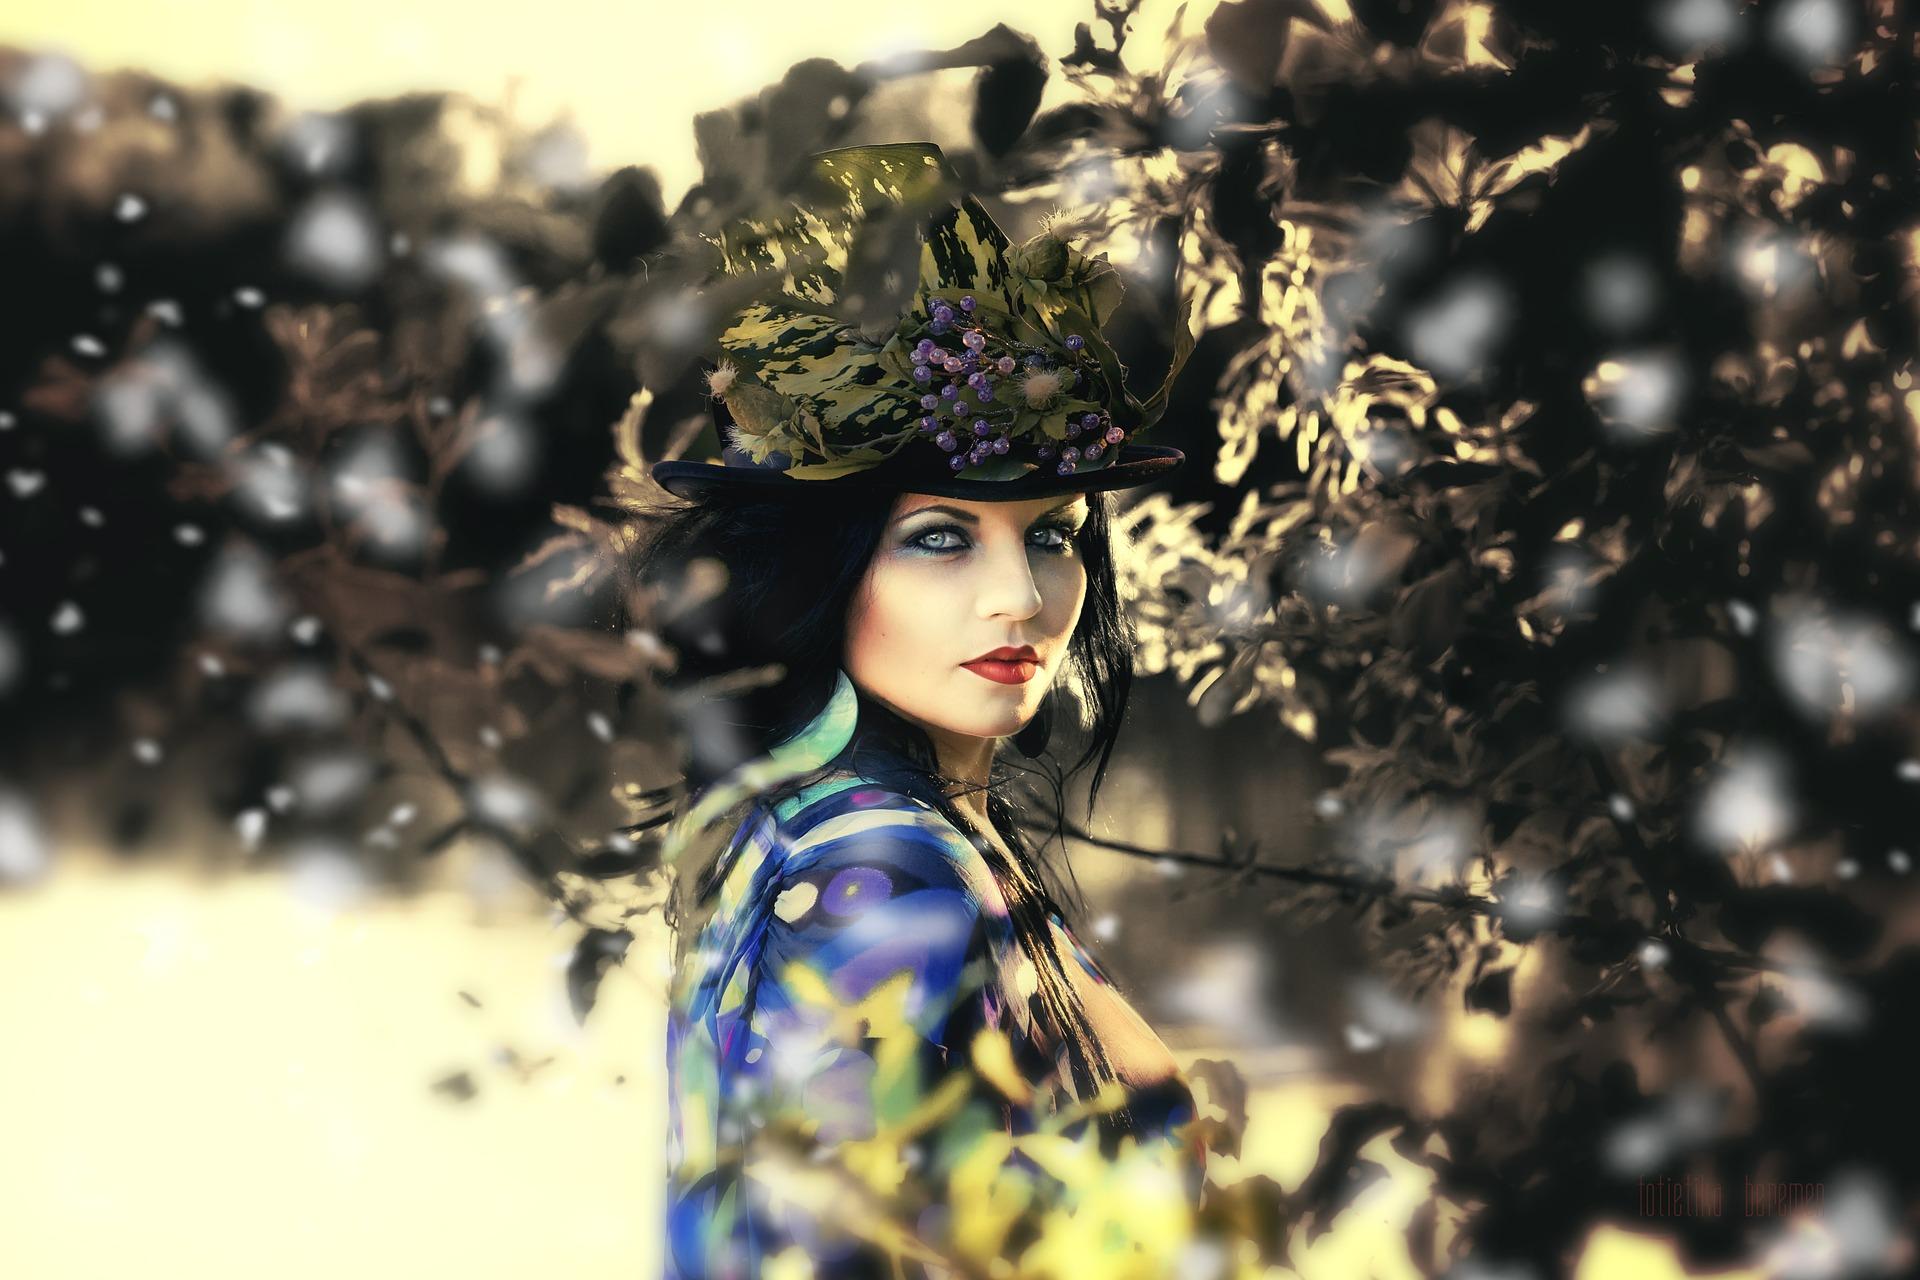 beauty-354575_1920.jpg